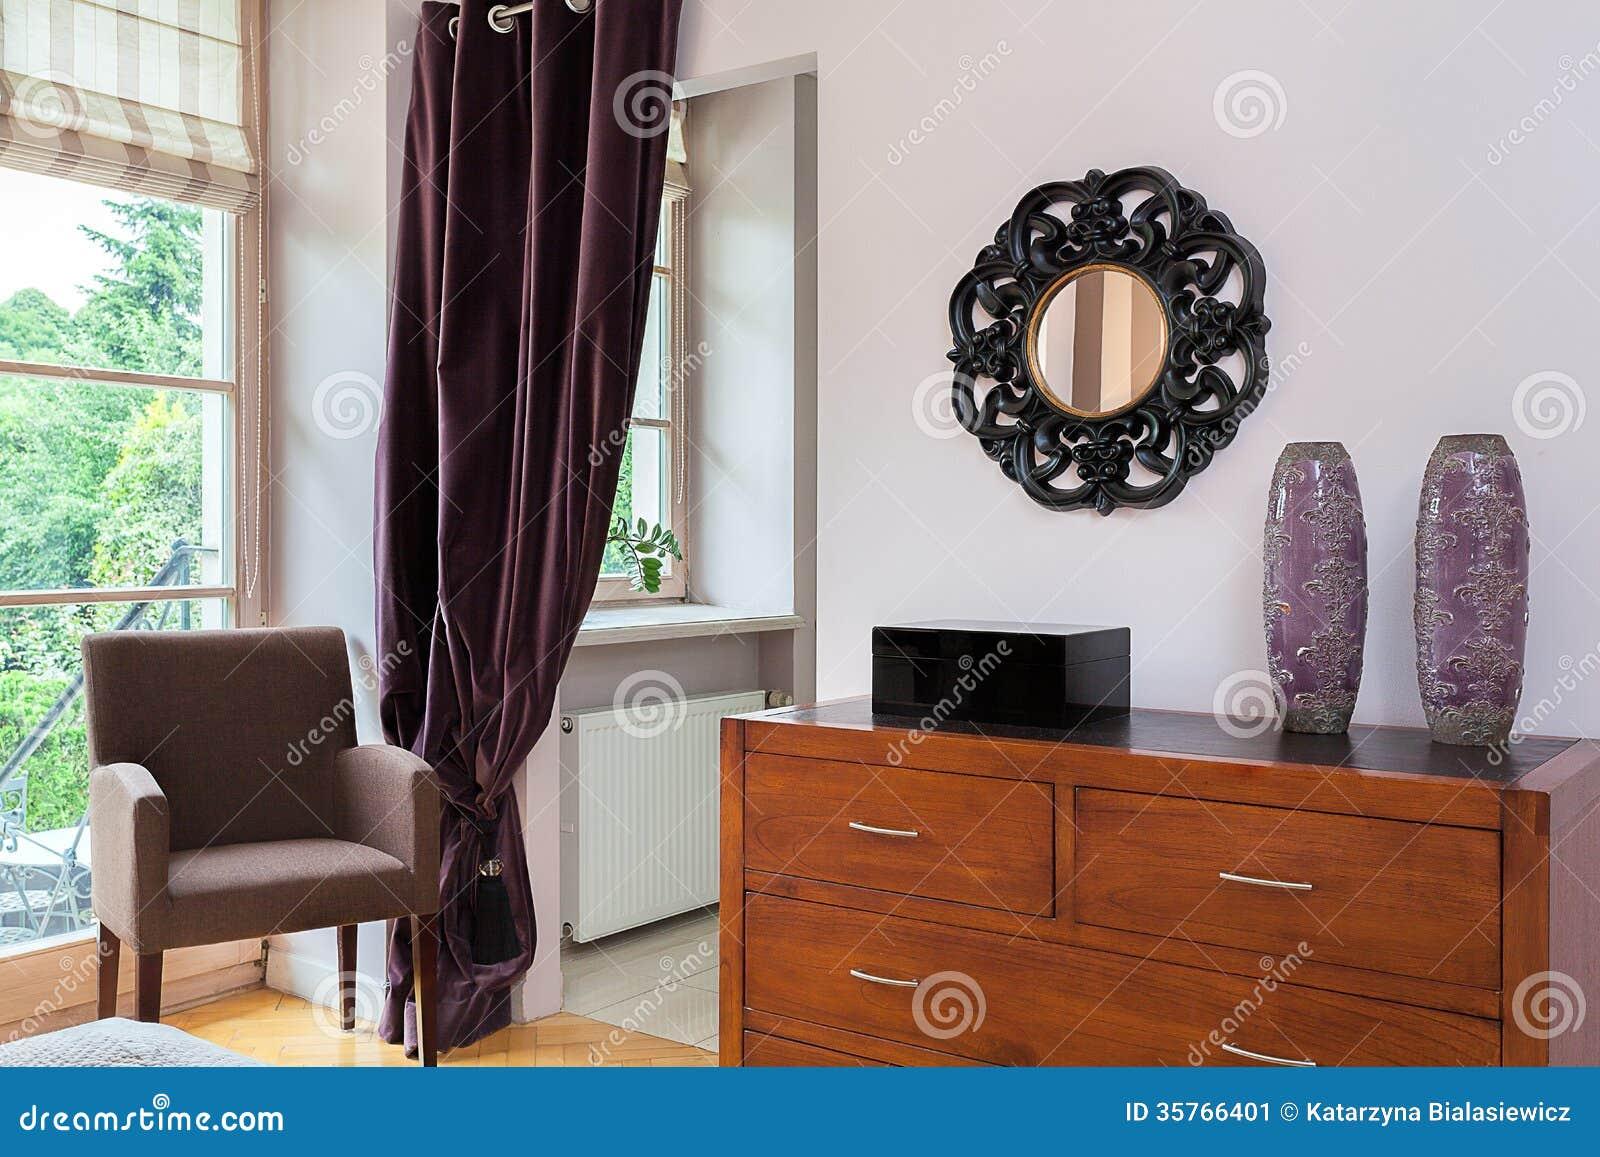 Vintage mansion bedroom furniture stock image image 35766401 - Vintage pieces of furniture old times elegance ...